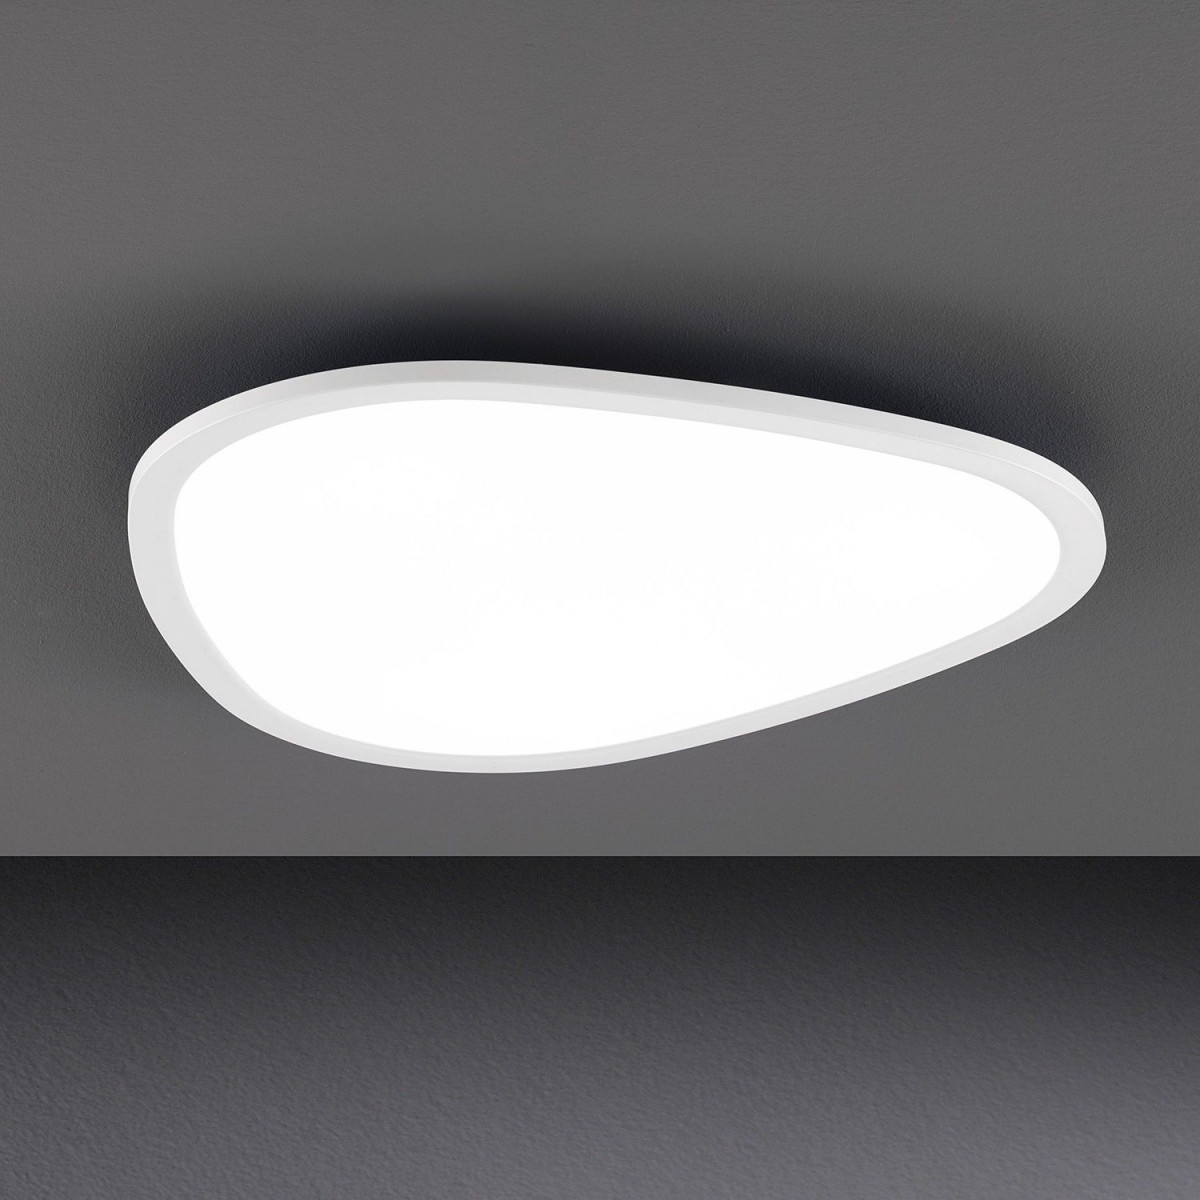 Kristall Lampen Modern  Led Deckenlampe Flach  Badezimmer von Wohnzimmer Lampe Flach Bild